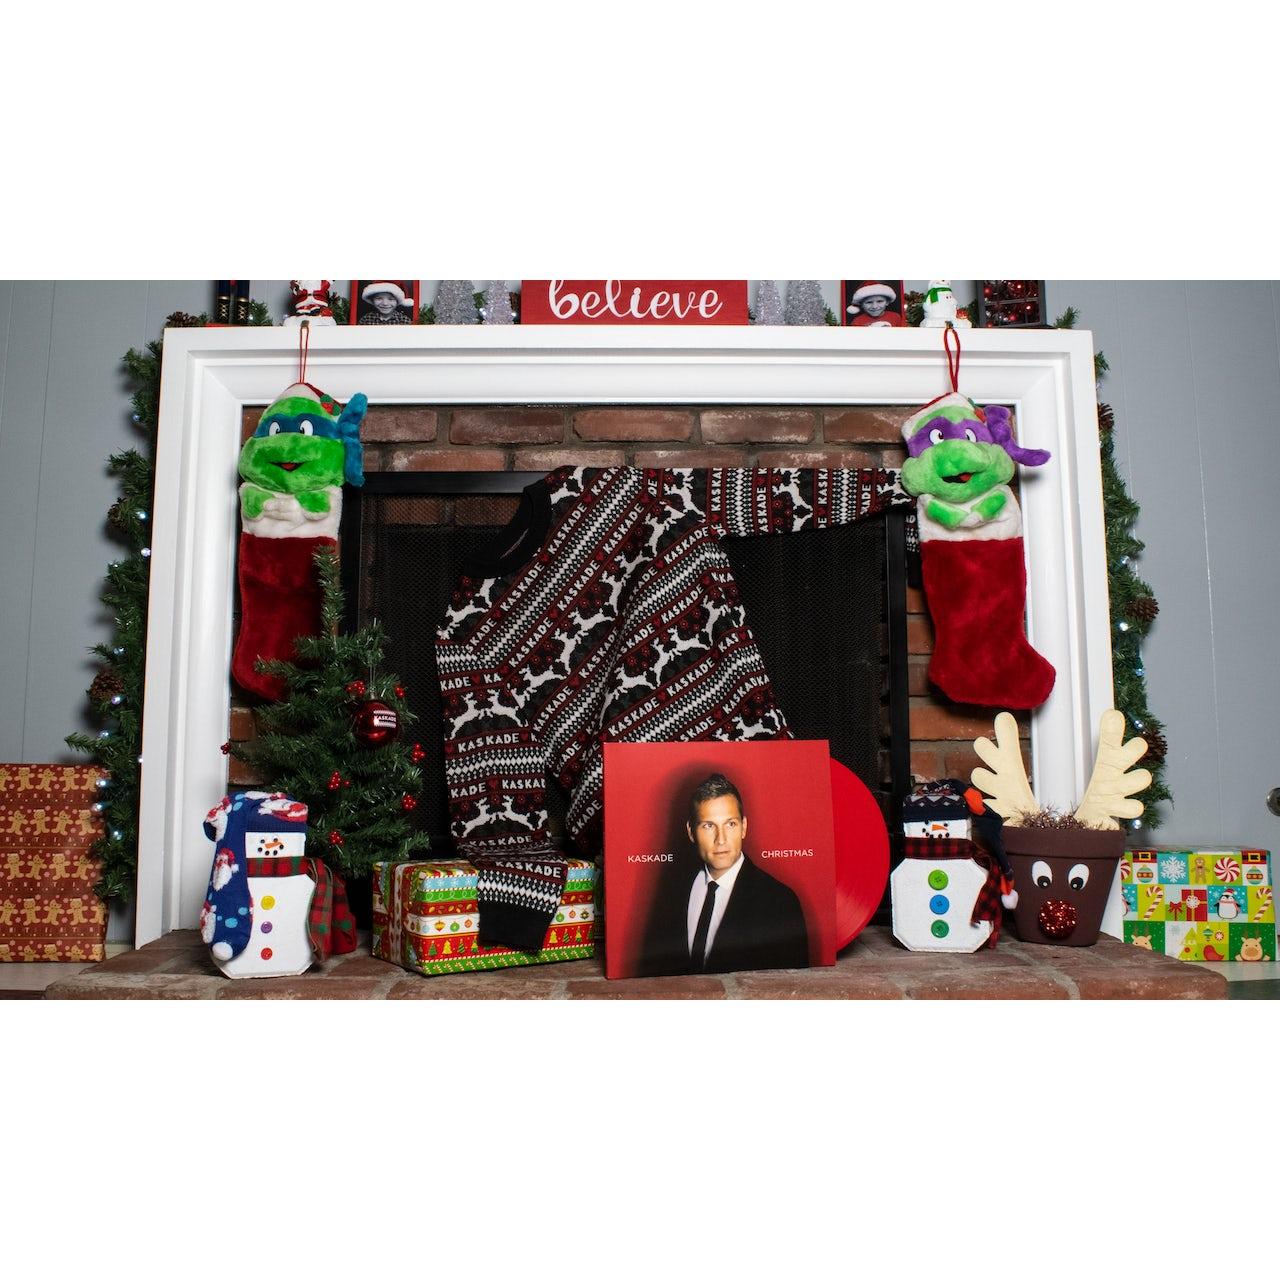 Kaskade Christmas.Kaskade Christmas Vinyl